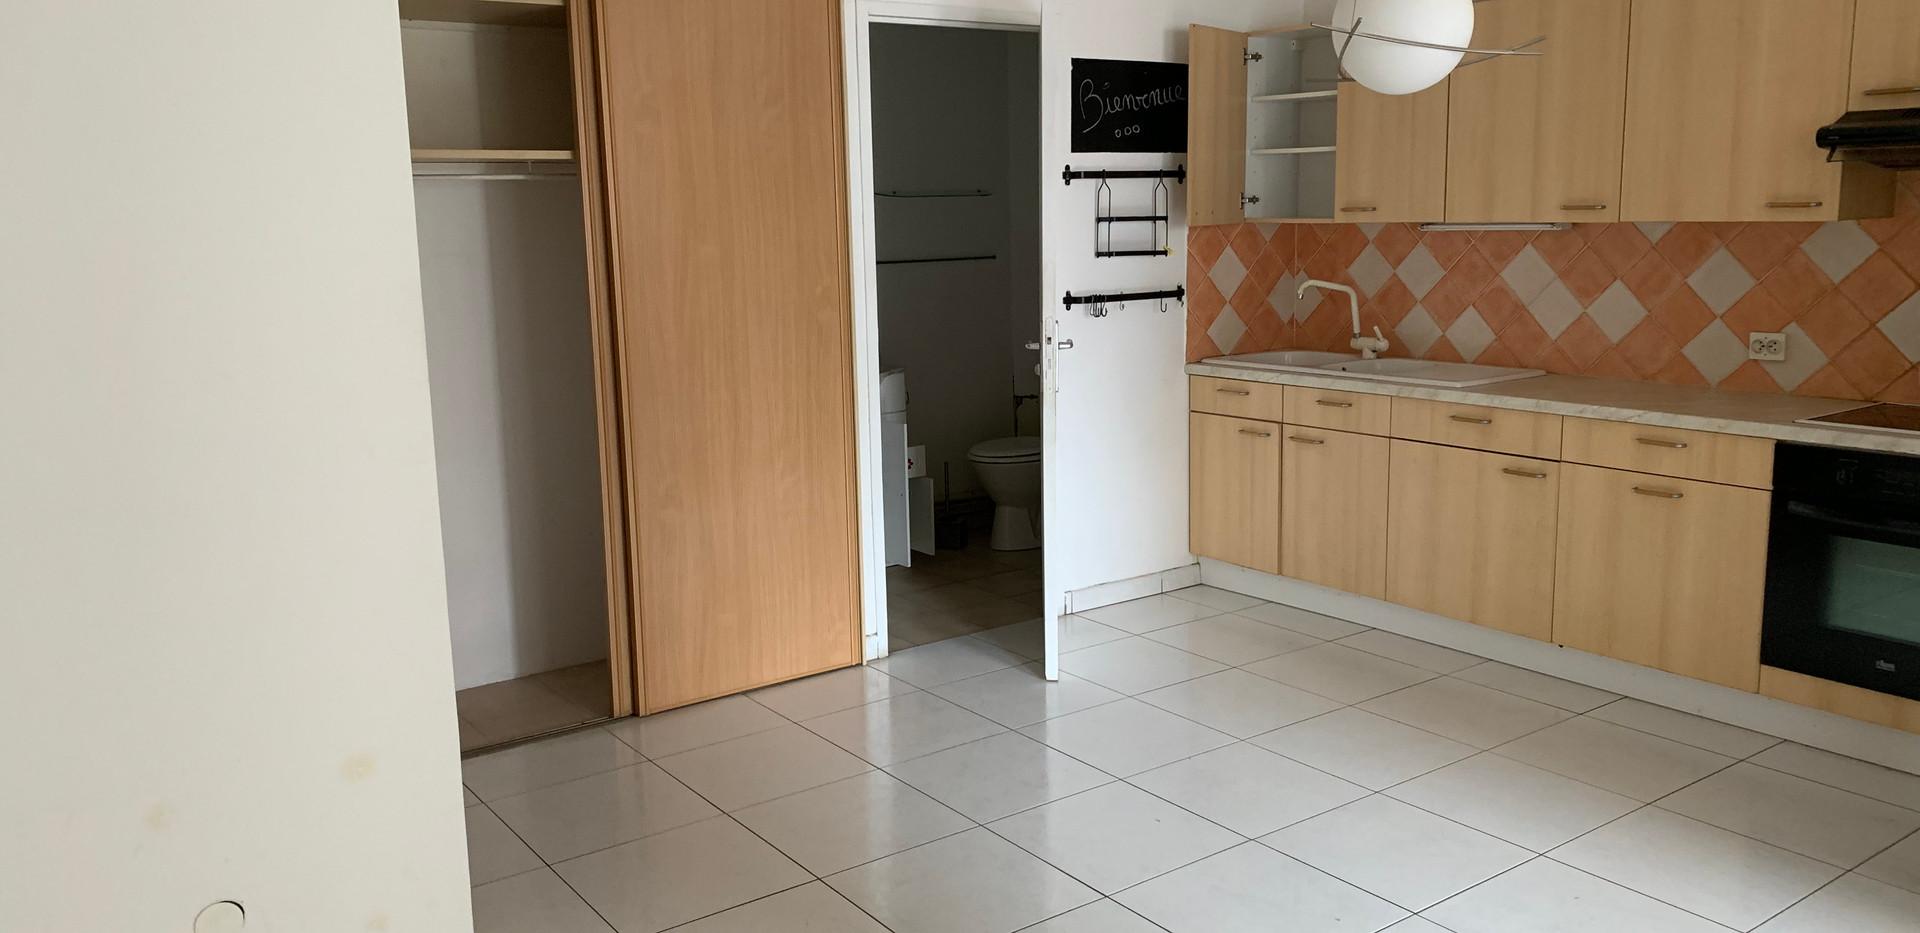 Photo de la cuisine, avant intervention